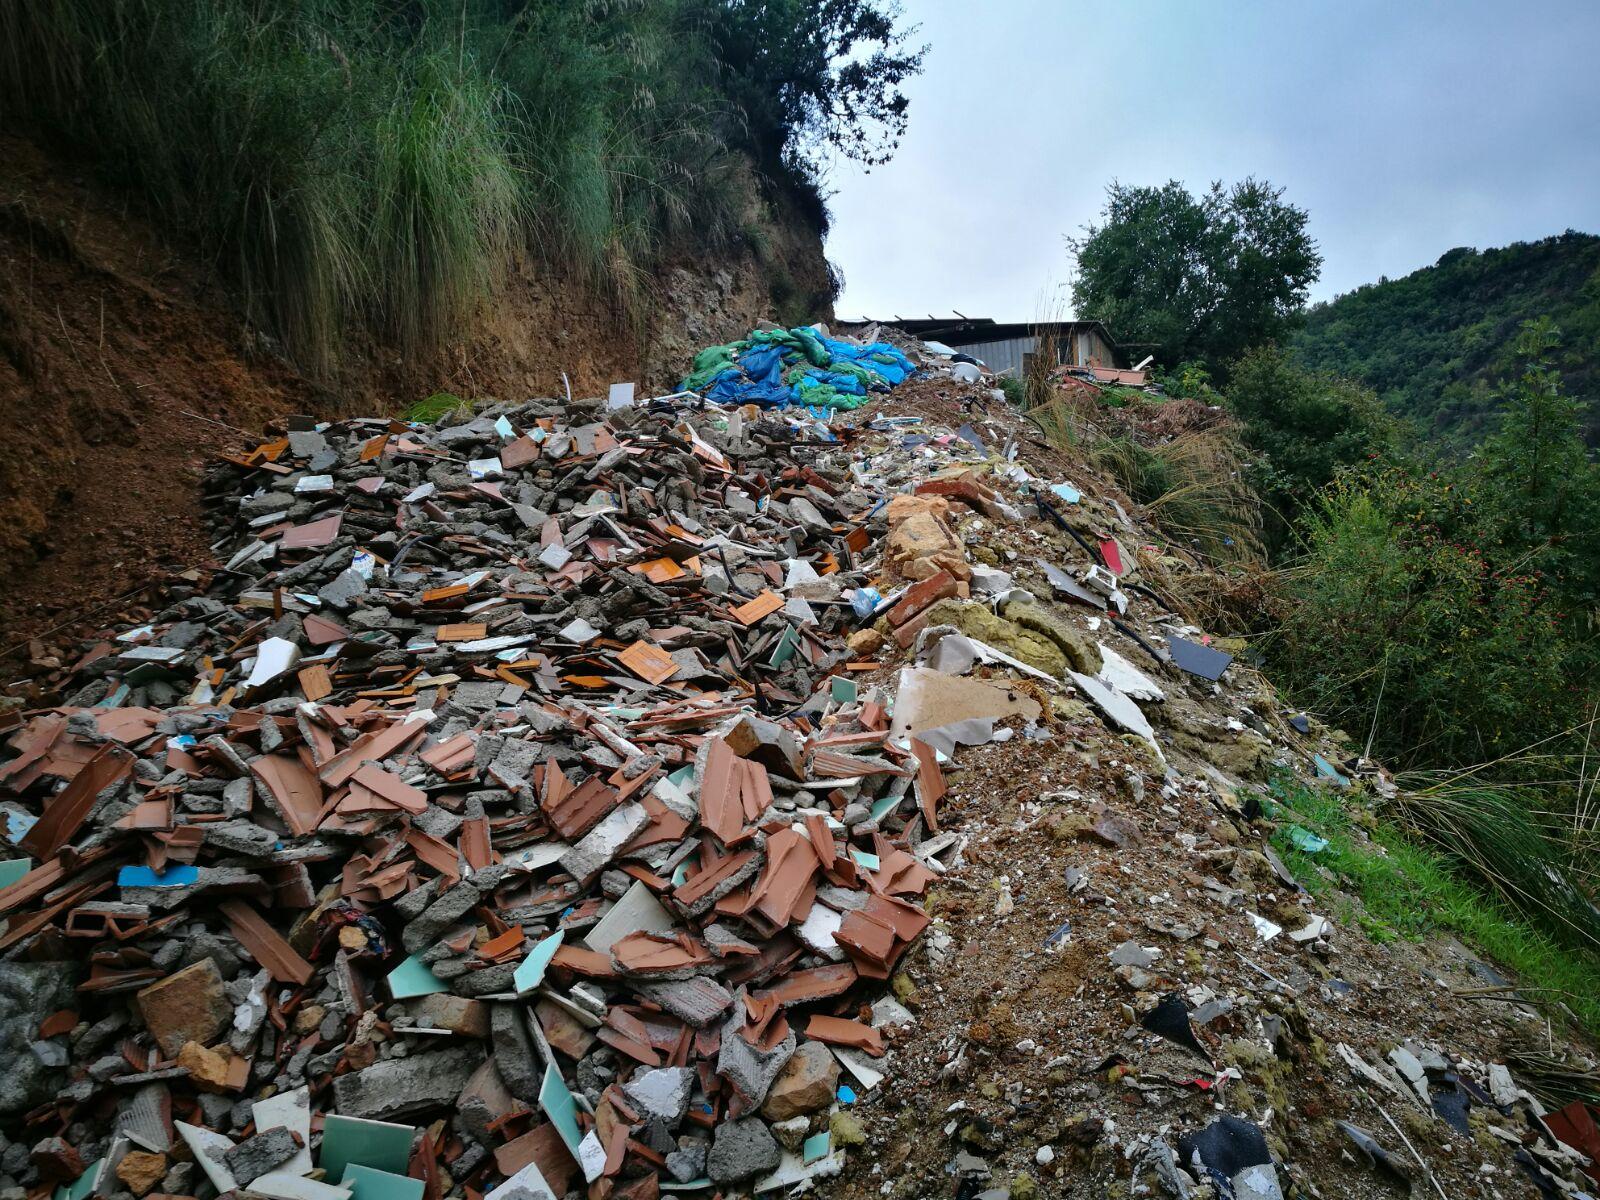 Smaltiva rifiuti senza autorizzazione a CosenzaUna denuncia, sequestrata un'area protetta